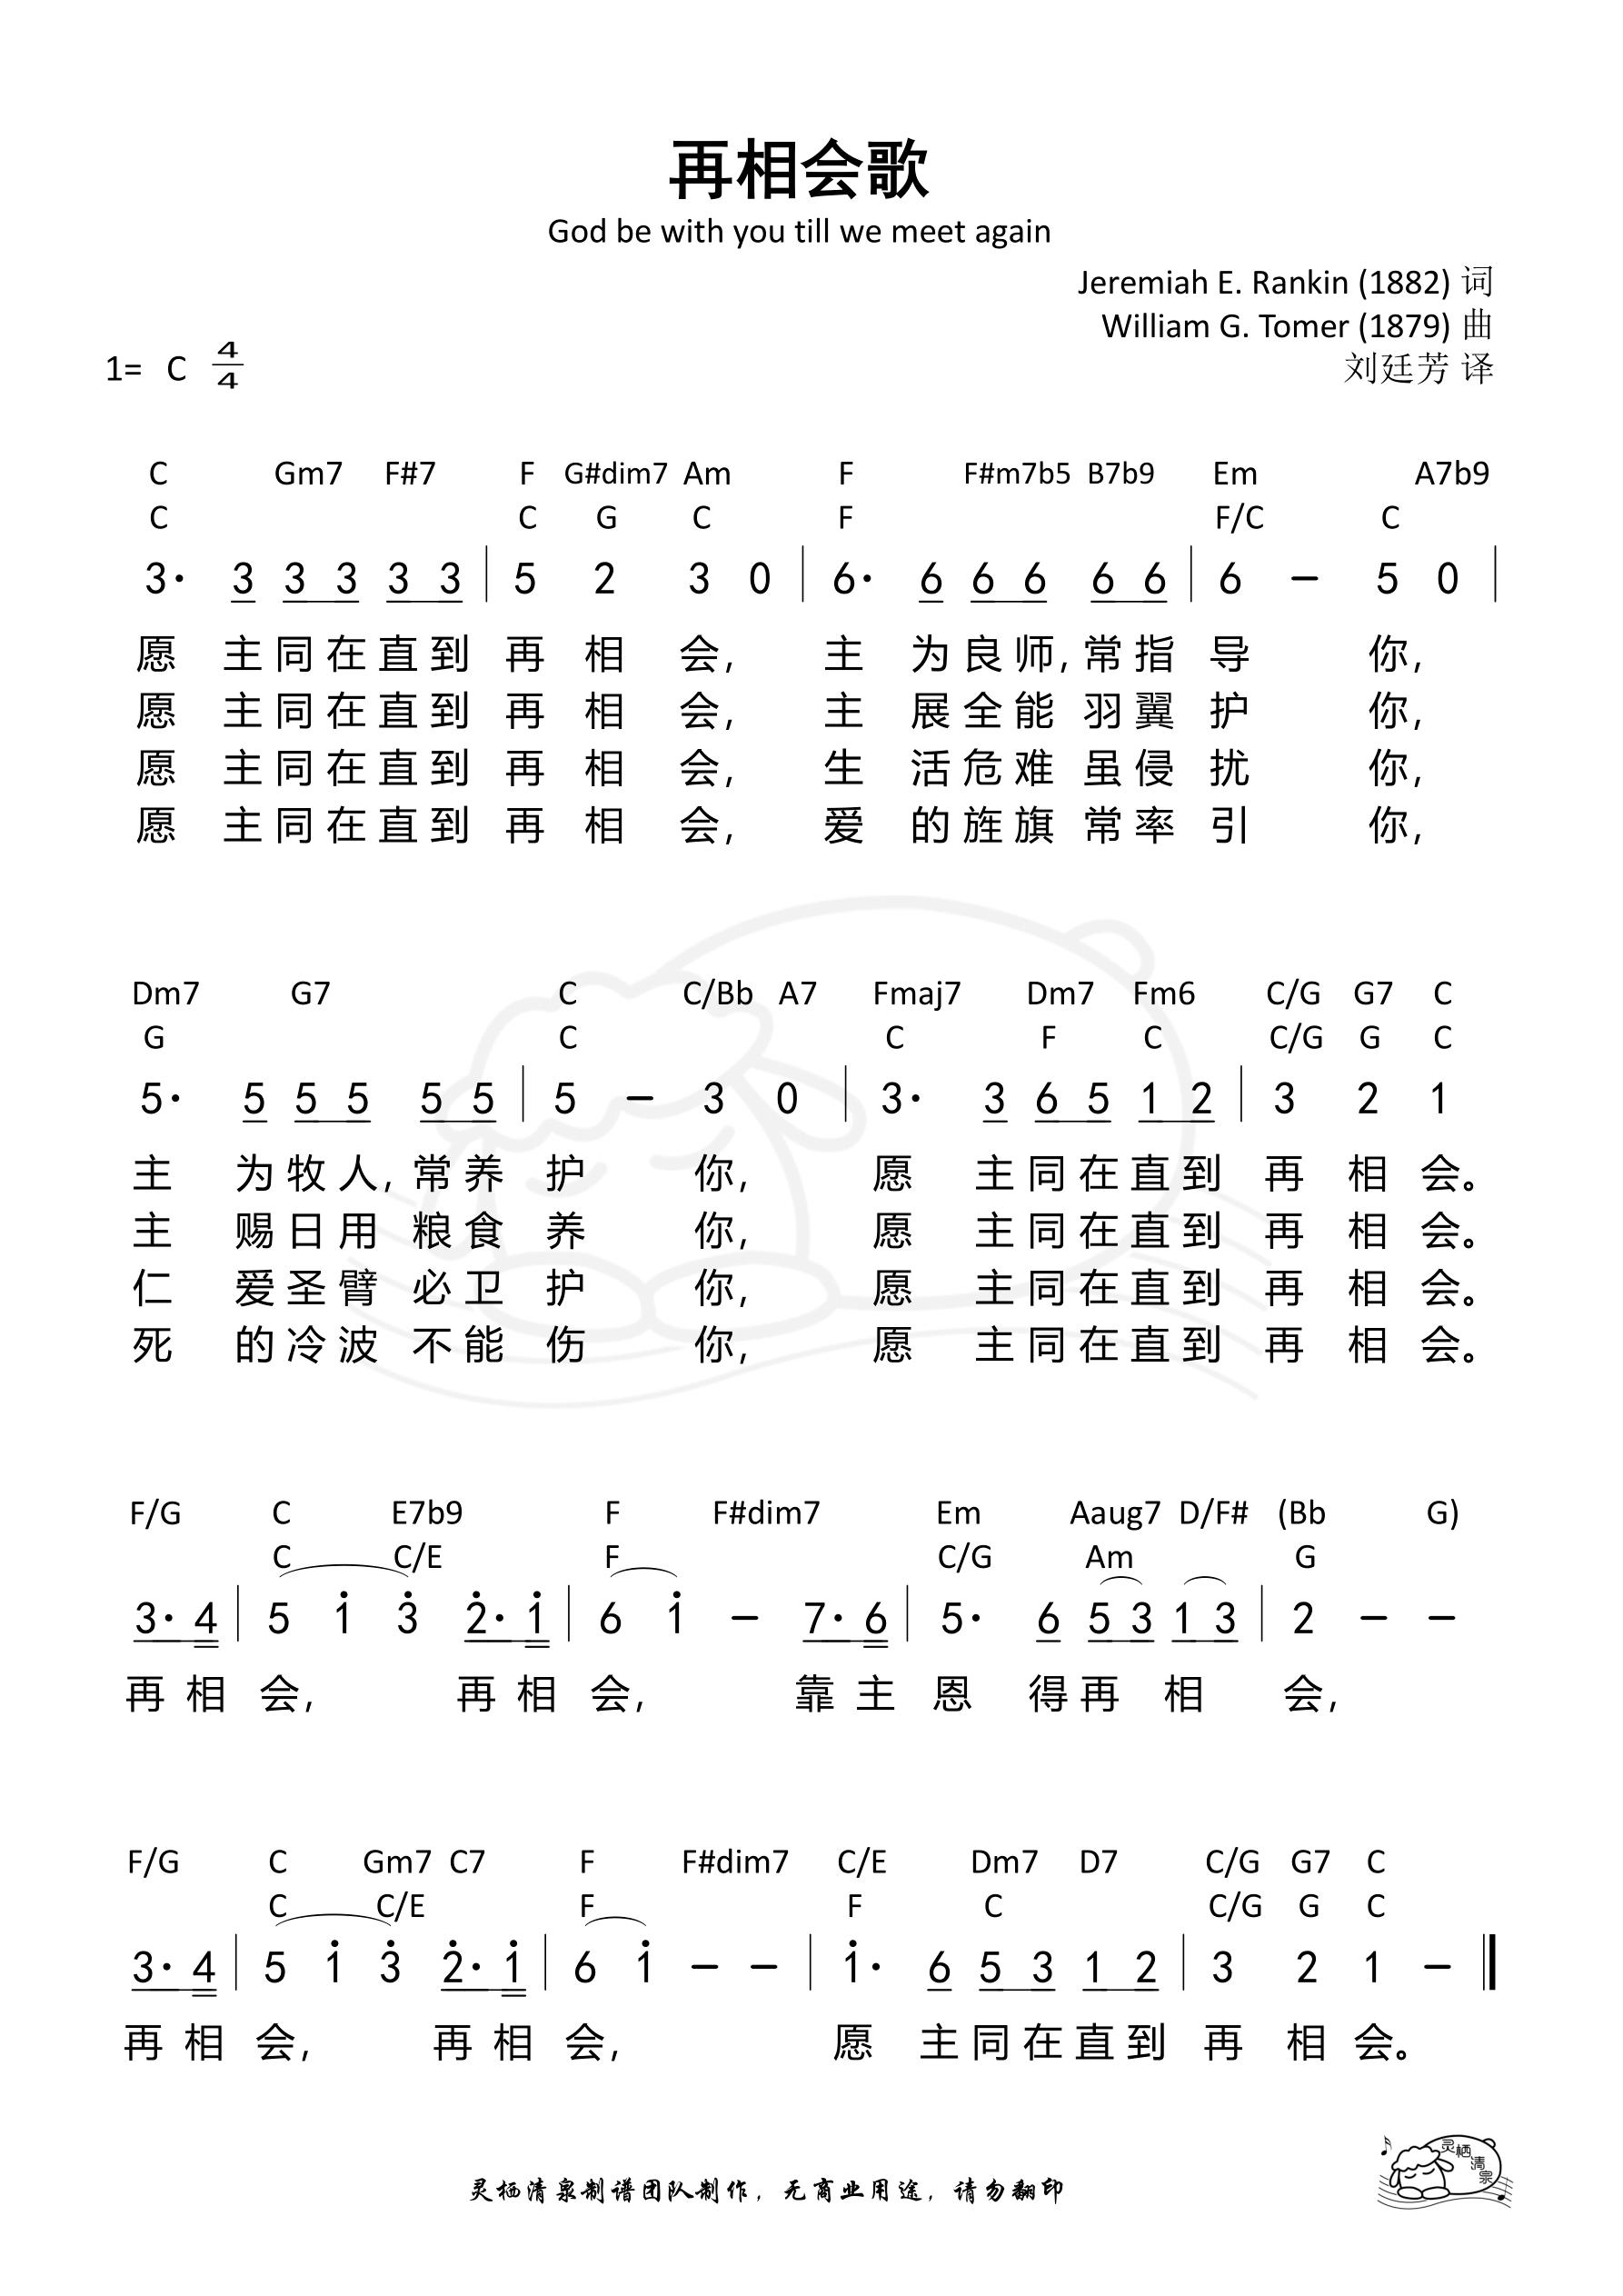 《第180首 - 再相会歌 和弦简谱》